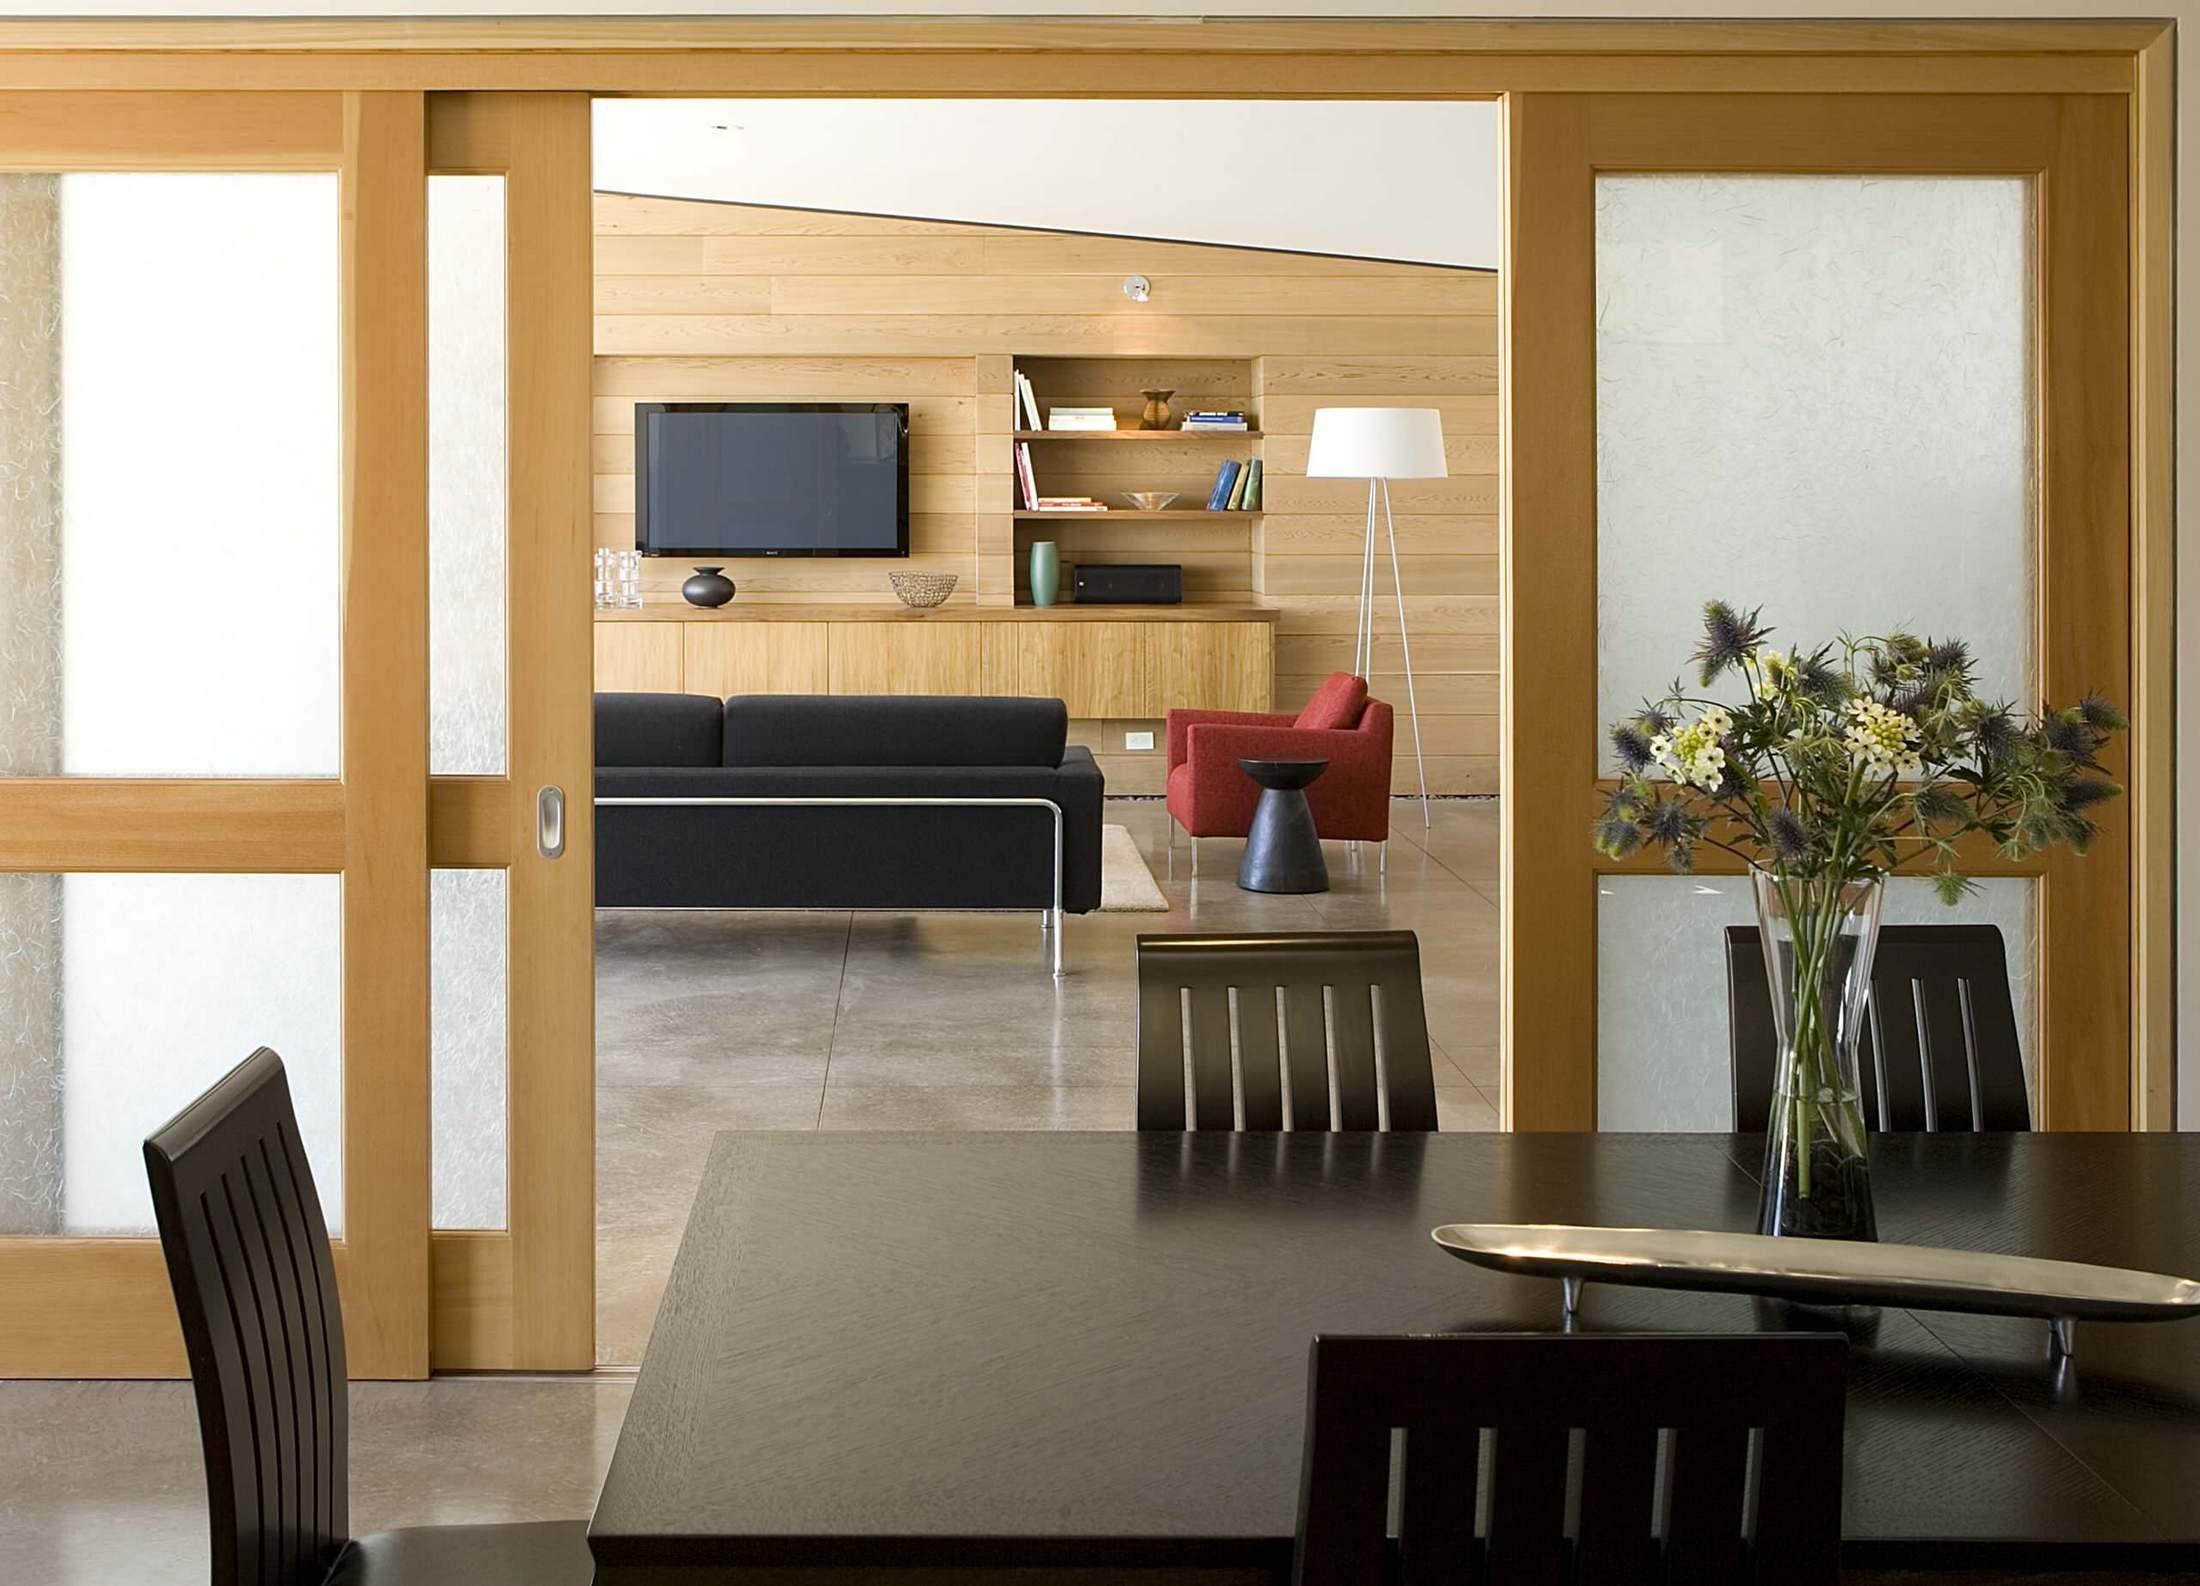 أشكال أبواب جرارة داخل المنزل ـ باب جرار خشب مع زجاج كبير